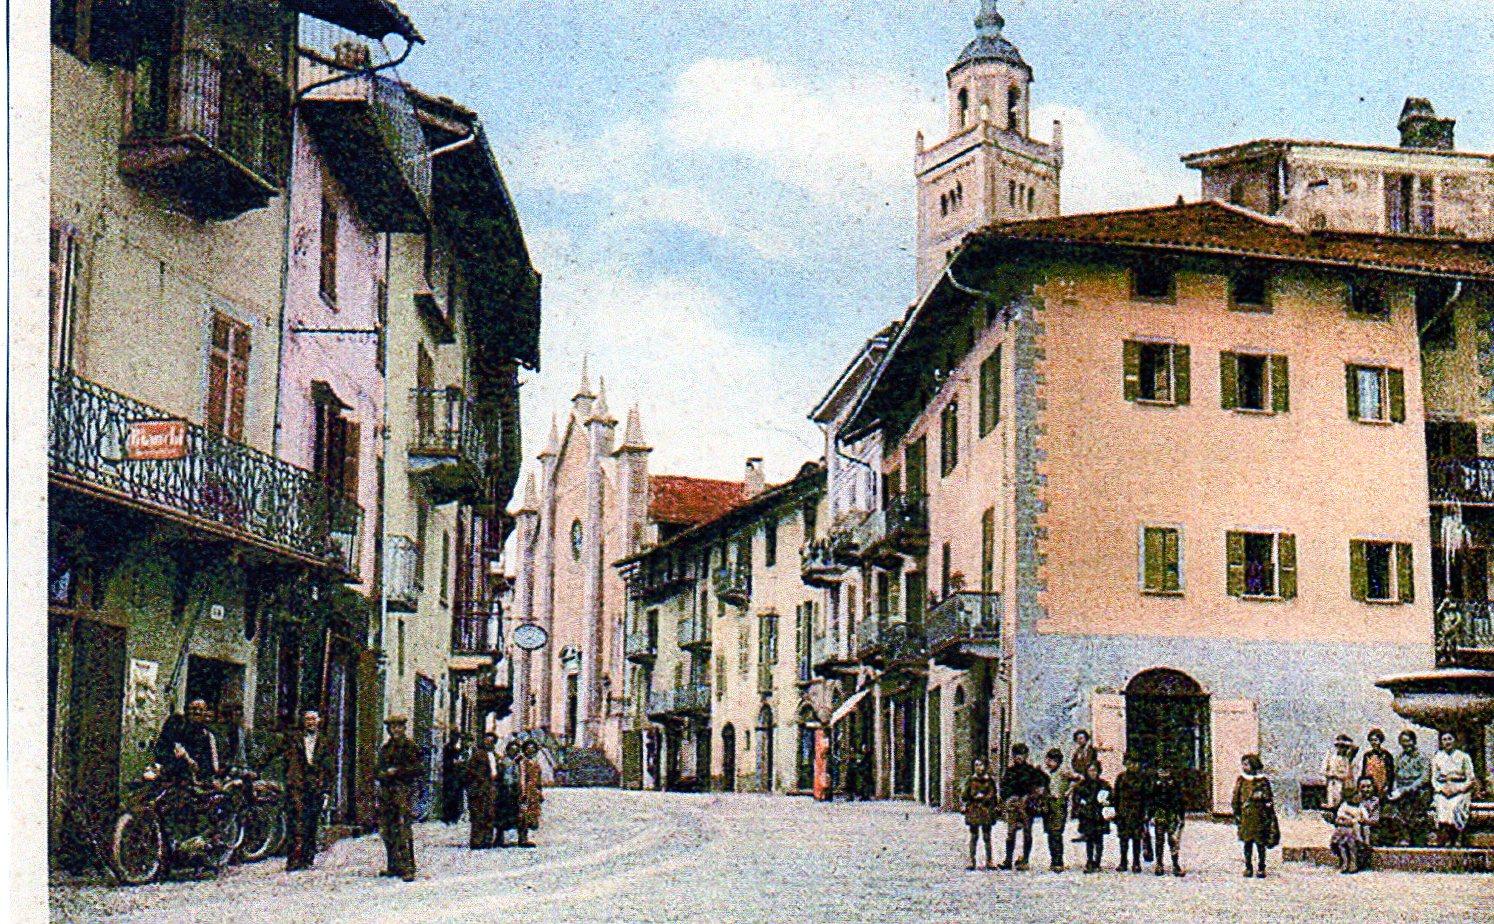 Masserano Italy 5